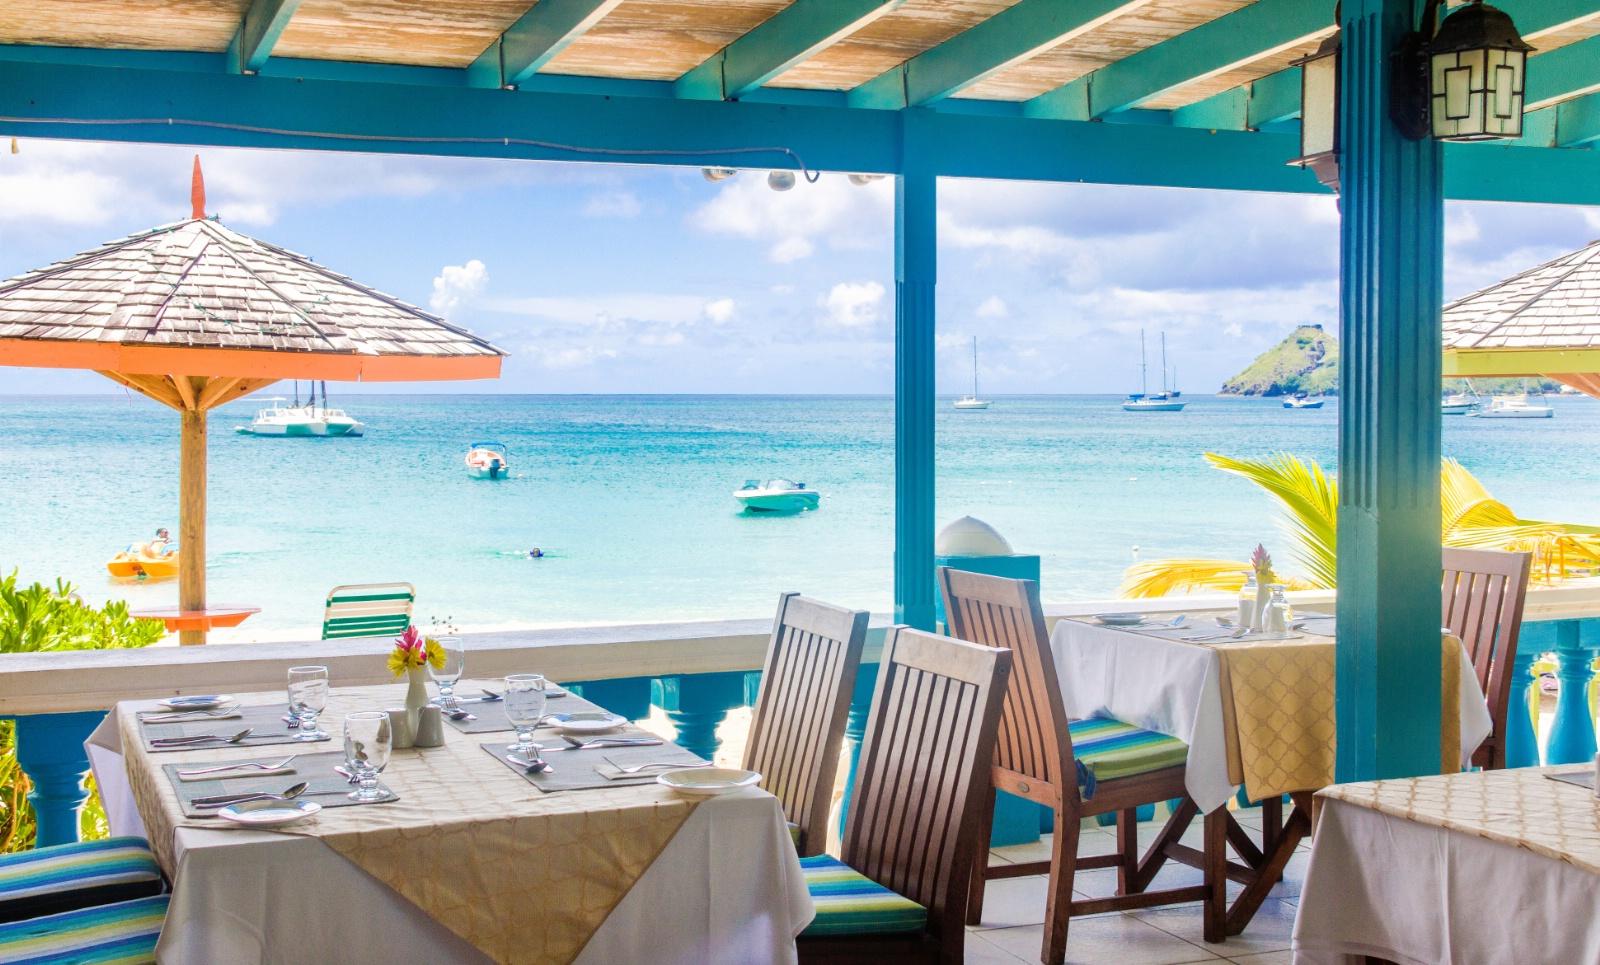 Bay Gardens Resort & Spa på St. Lucia er et herlig hotell med flott beliggenhet på stranden.